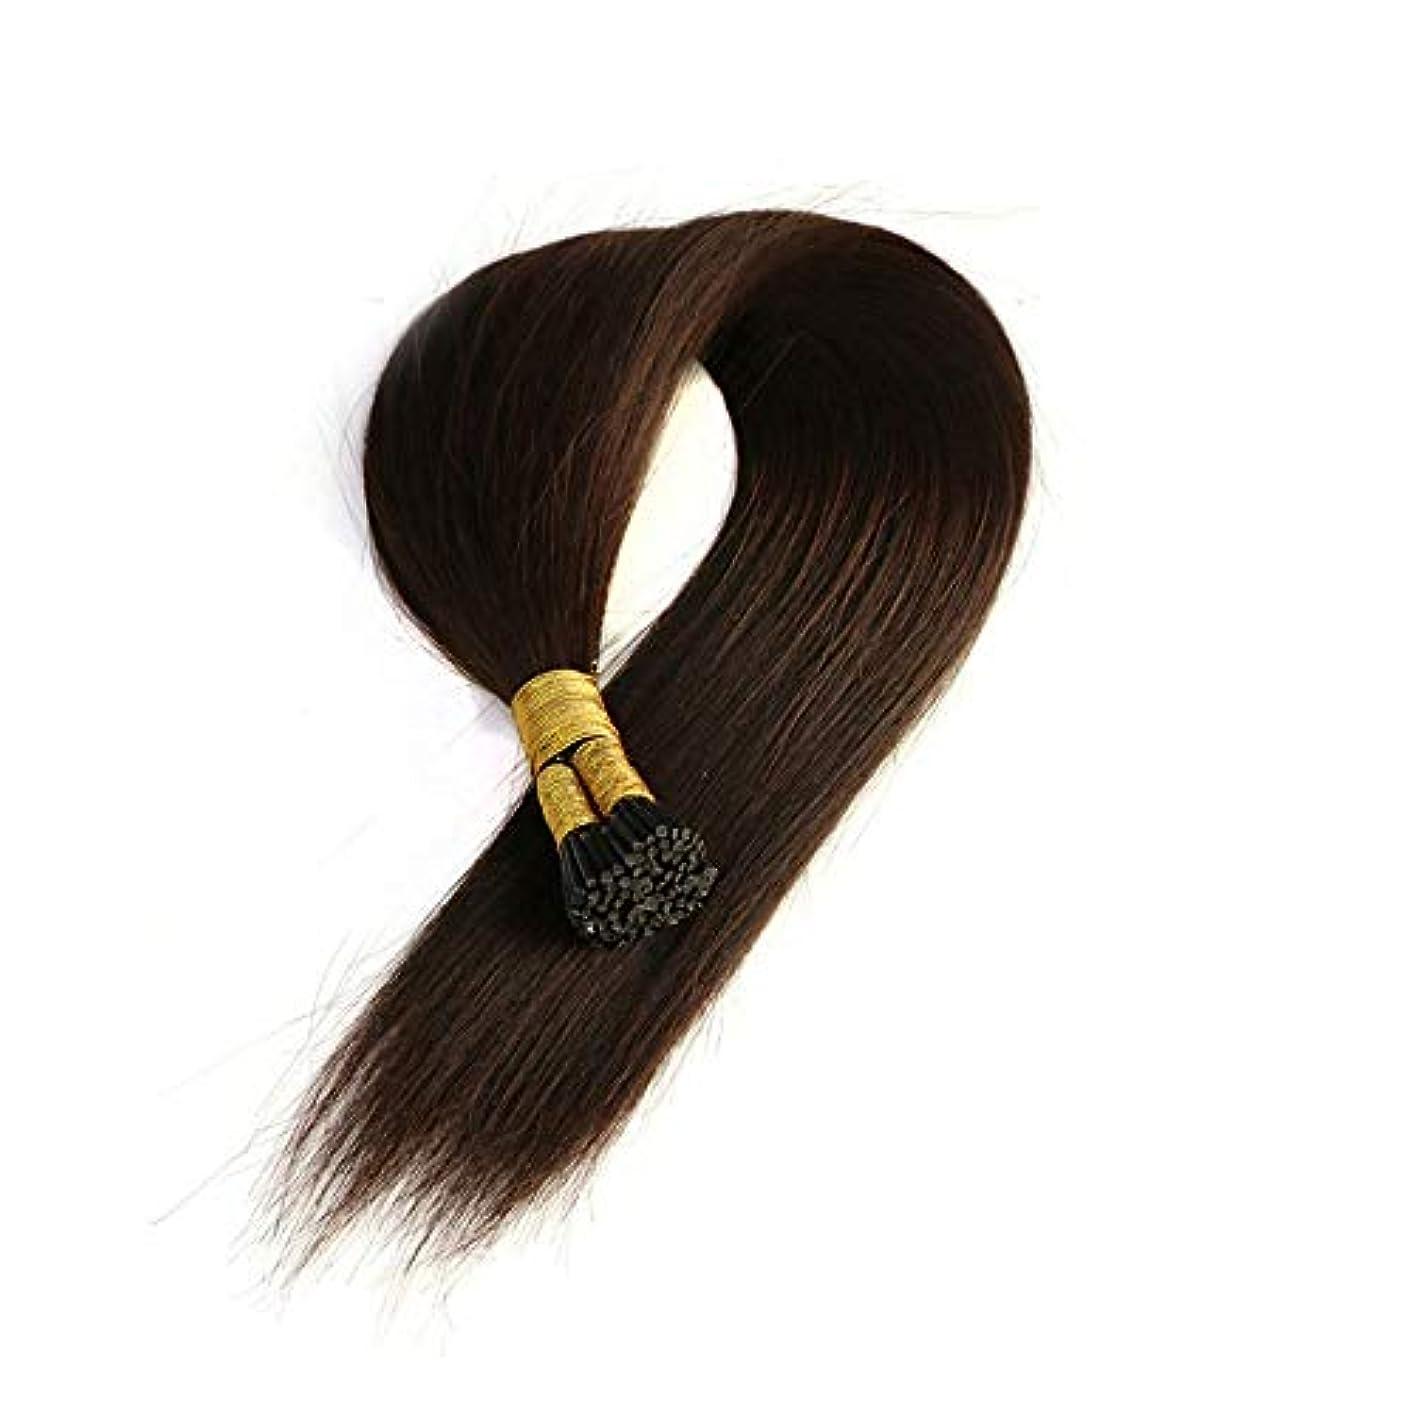 柔和ポイント権限JULYTER ナノリングヘアエクステンション人間の髪の毛イージーラングループマイクロビーズ髪の毛50グラムあたりパッケージ総計 (色 : 黒, サイズ : 40cm)